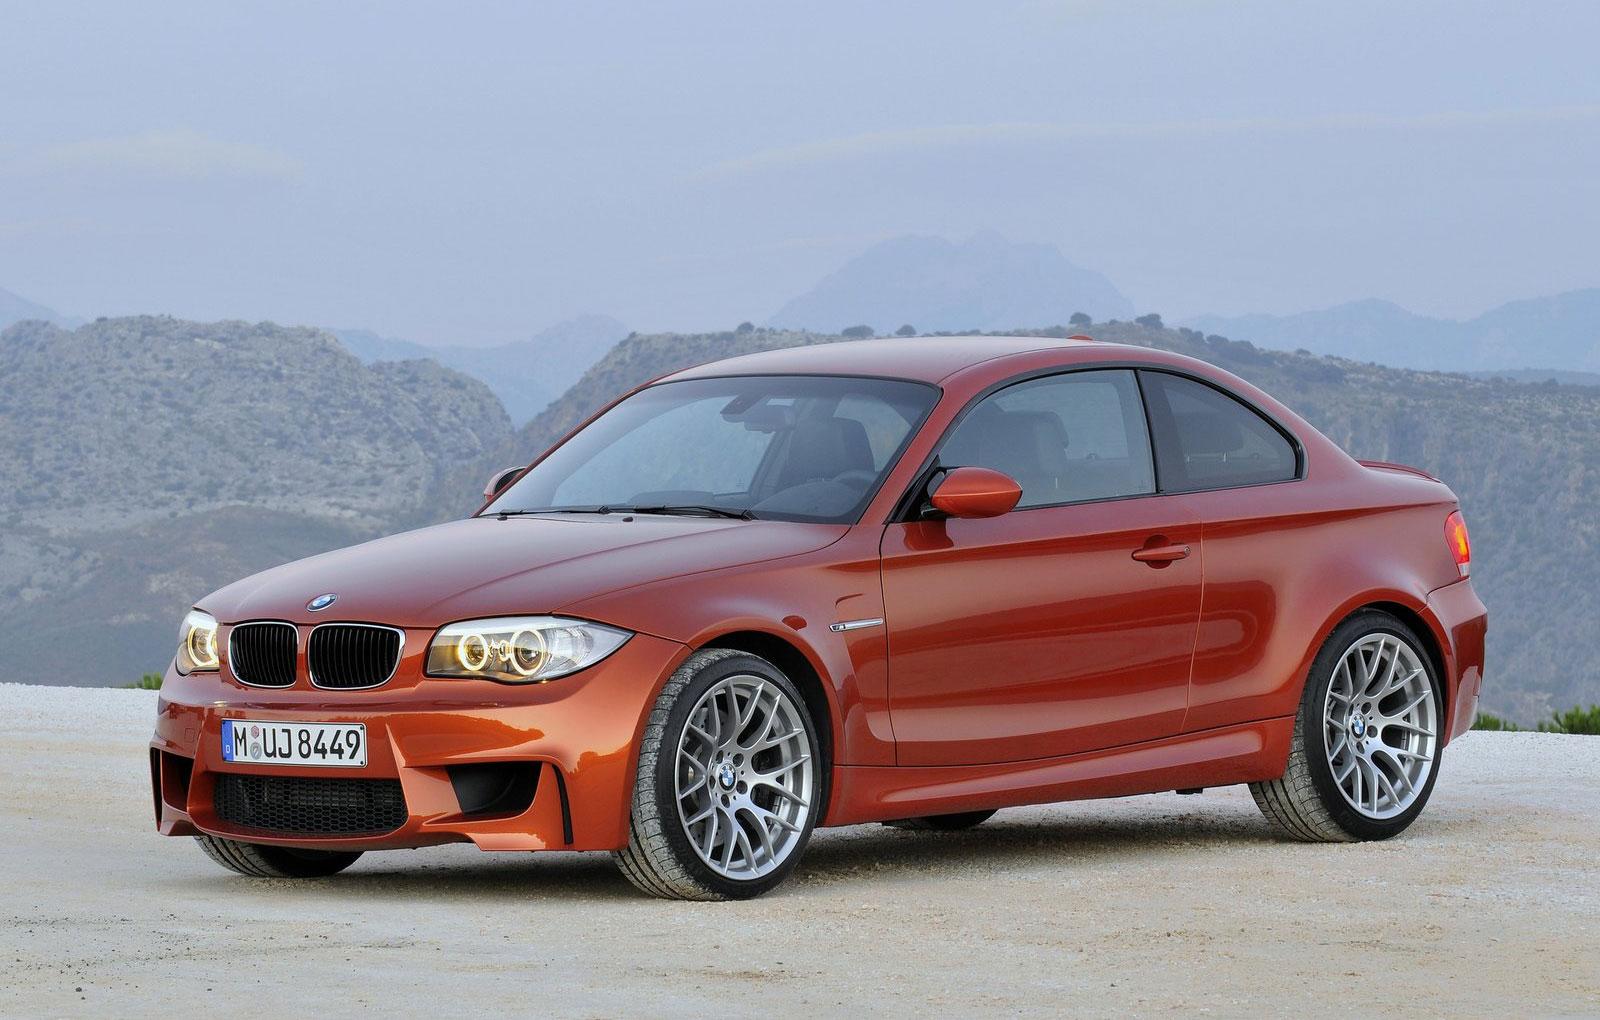 BMW 1 Serisi M Coupe - En Özel BMW M Otomobilleri Listesi